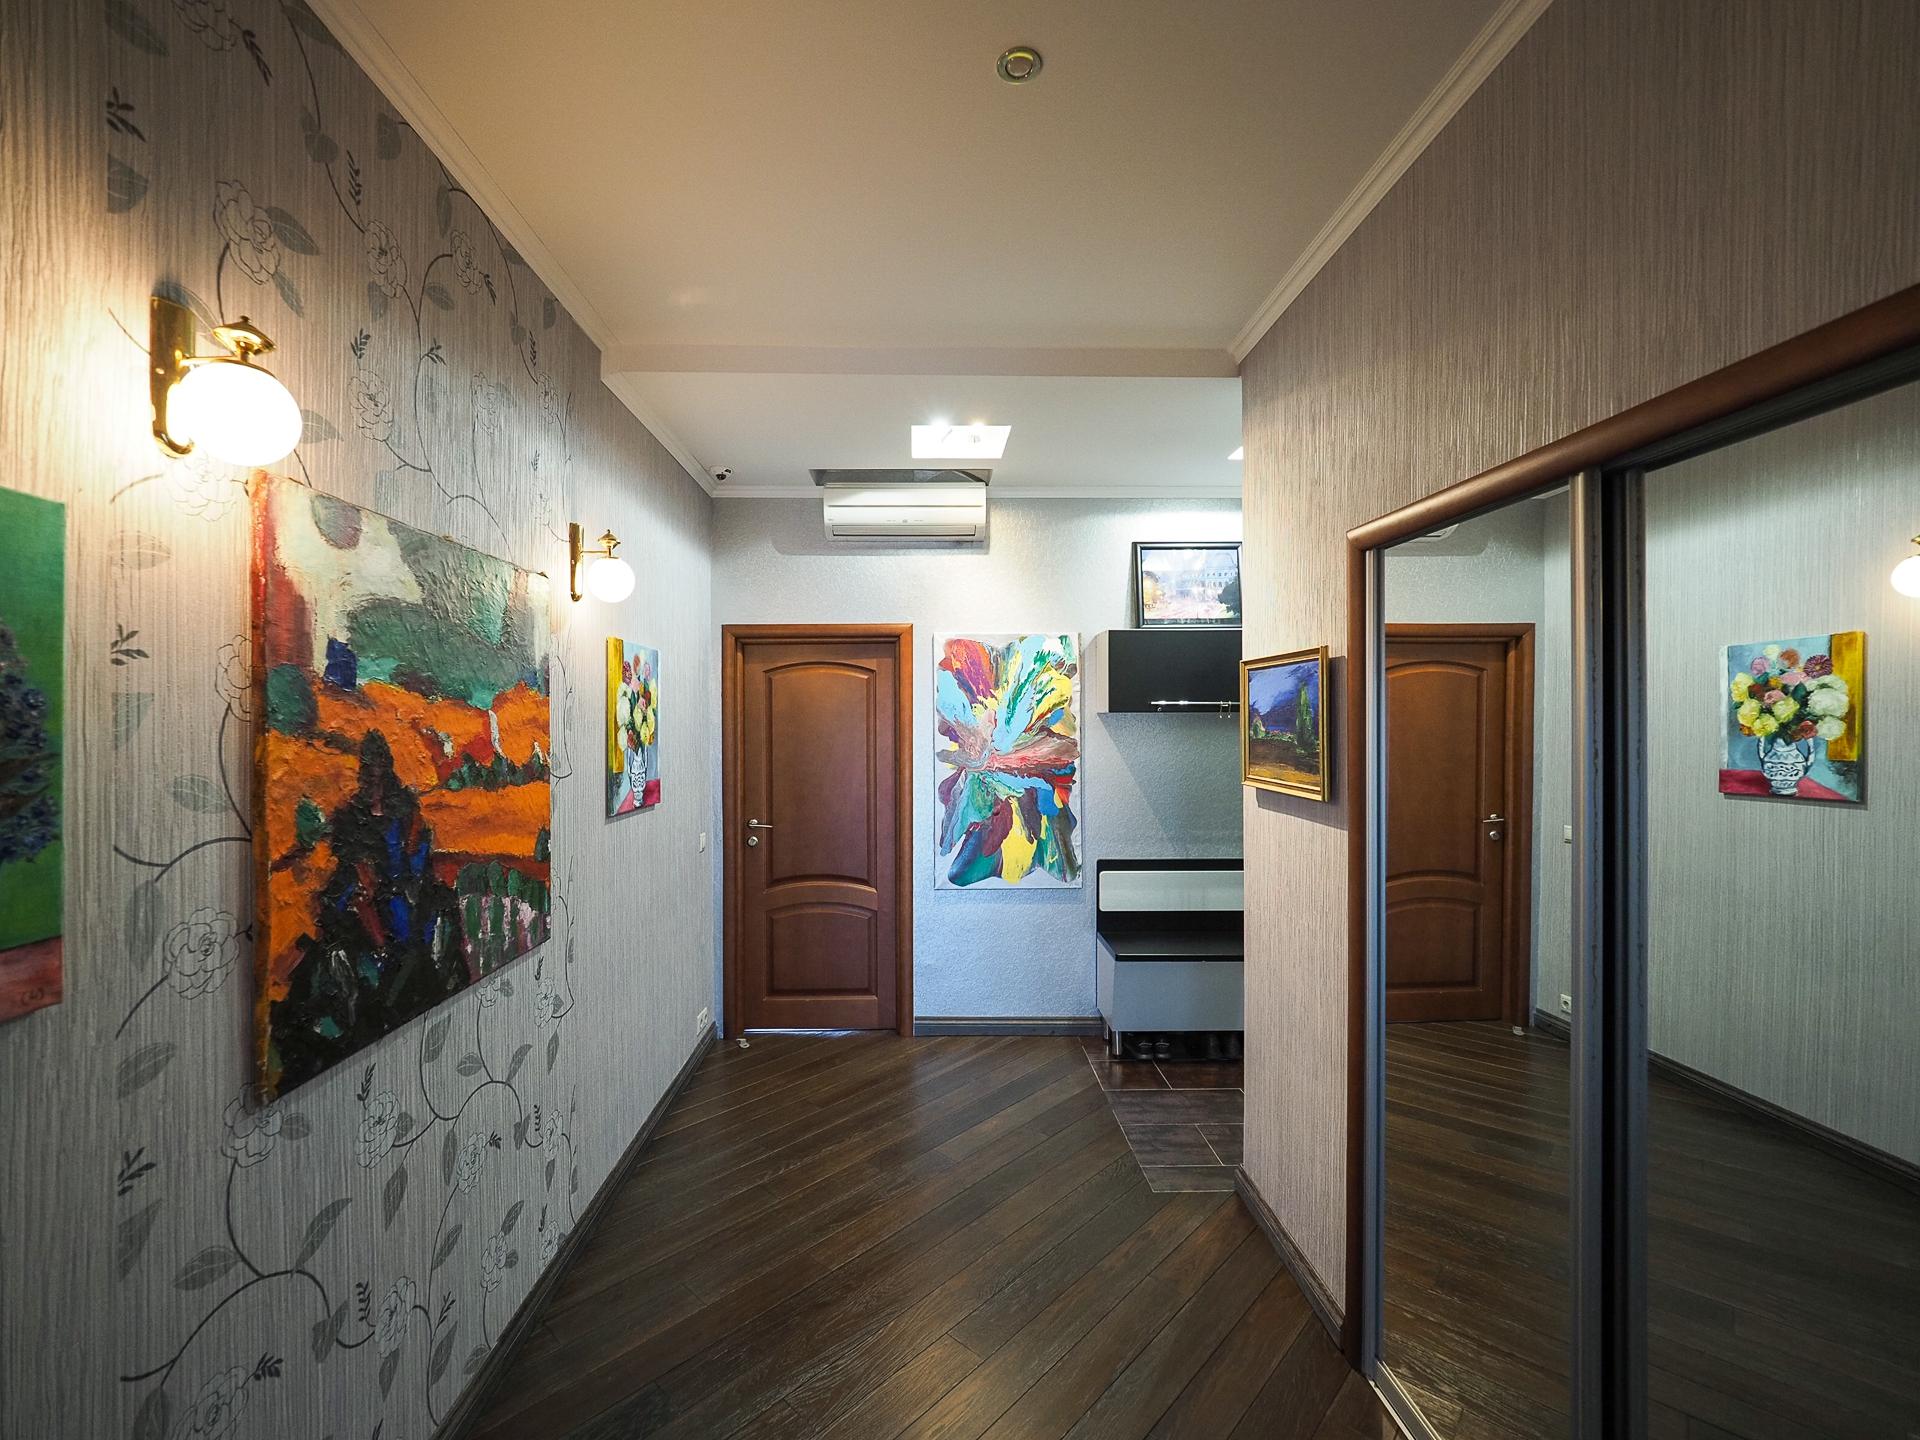 видовая квартира 22 этаж 100 Кв м 21